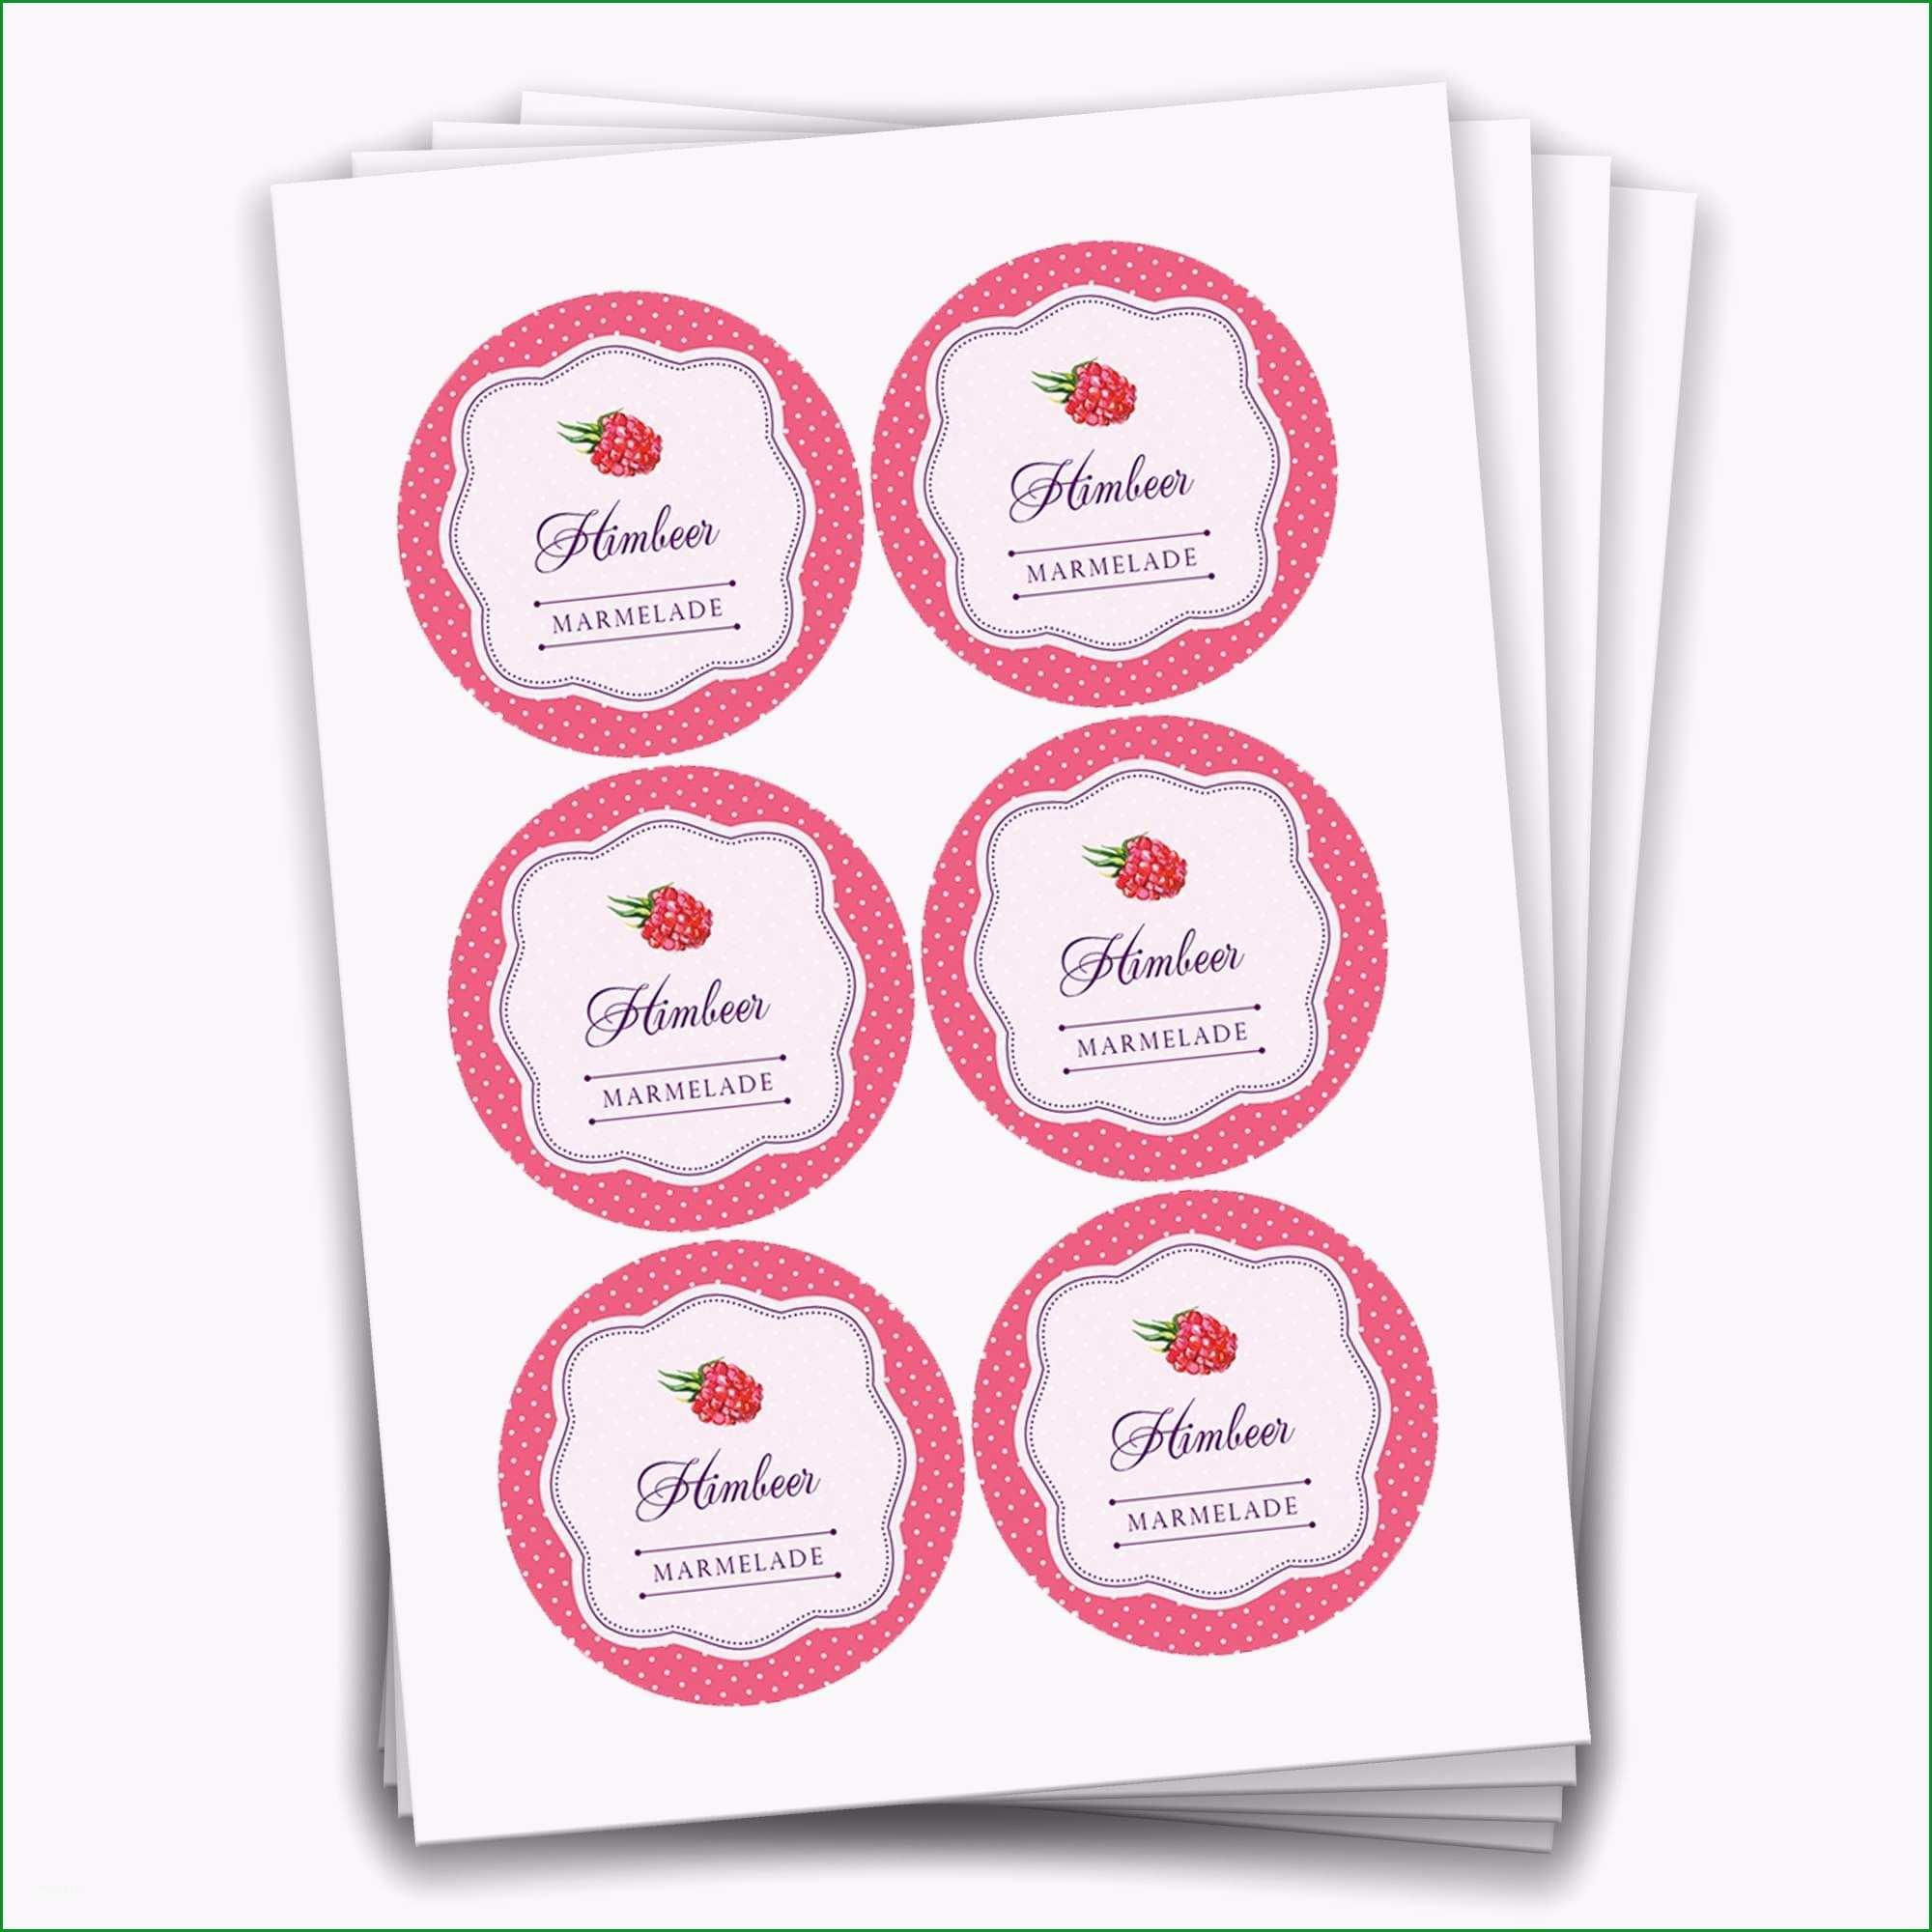 marmelade etiketten vorlage word